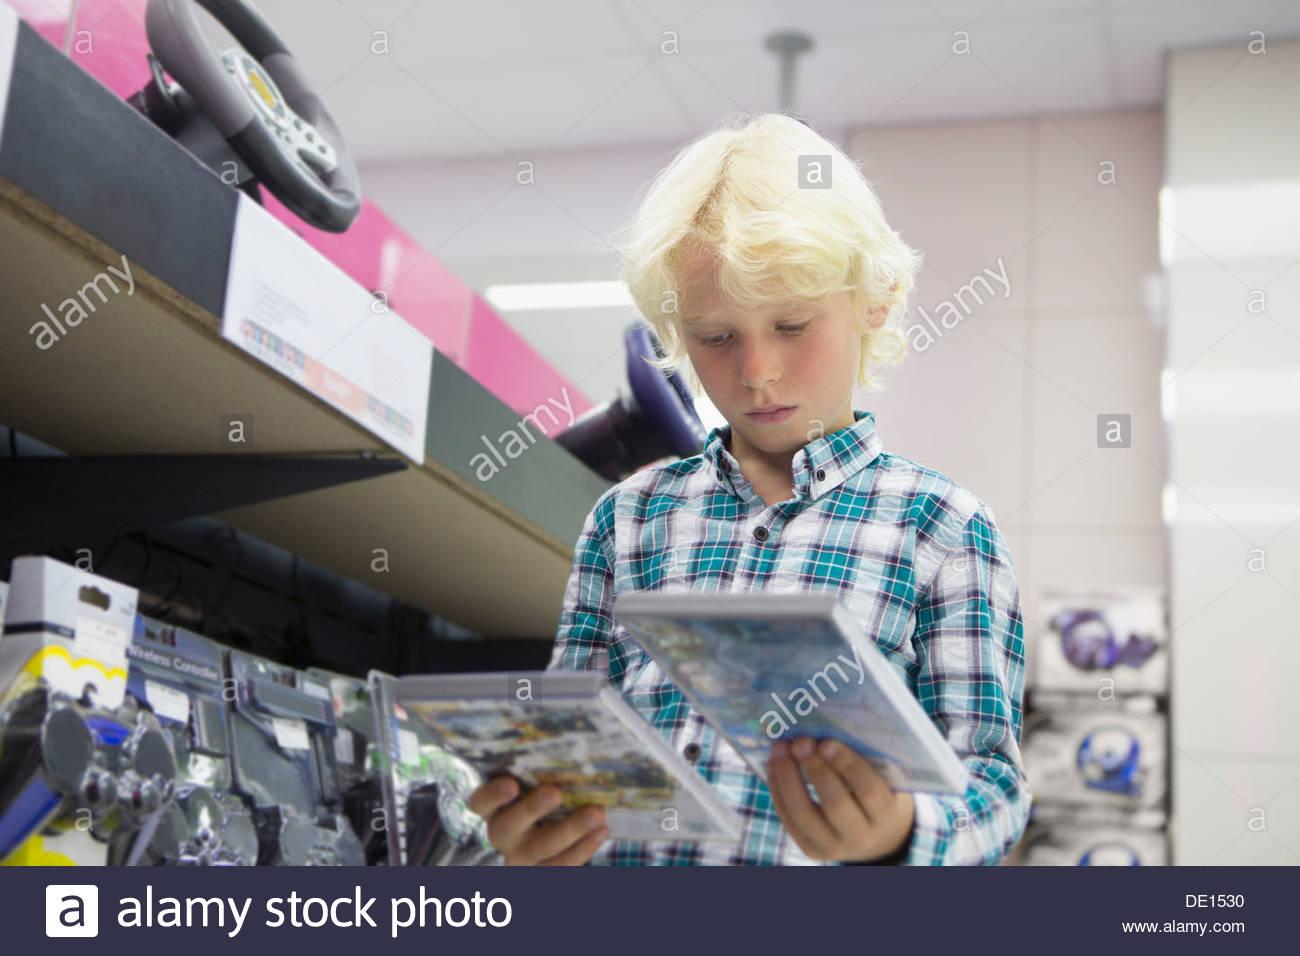 Garçon à la recherche de jeux vidéo au magasin d'électronique Photo Stock